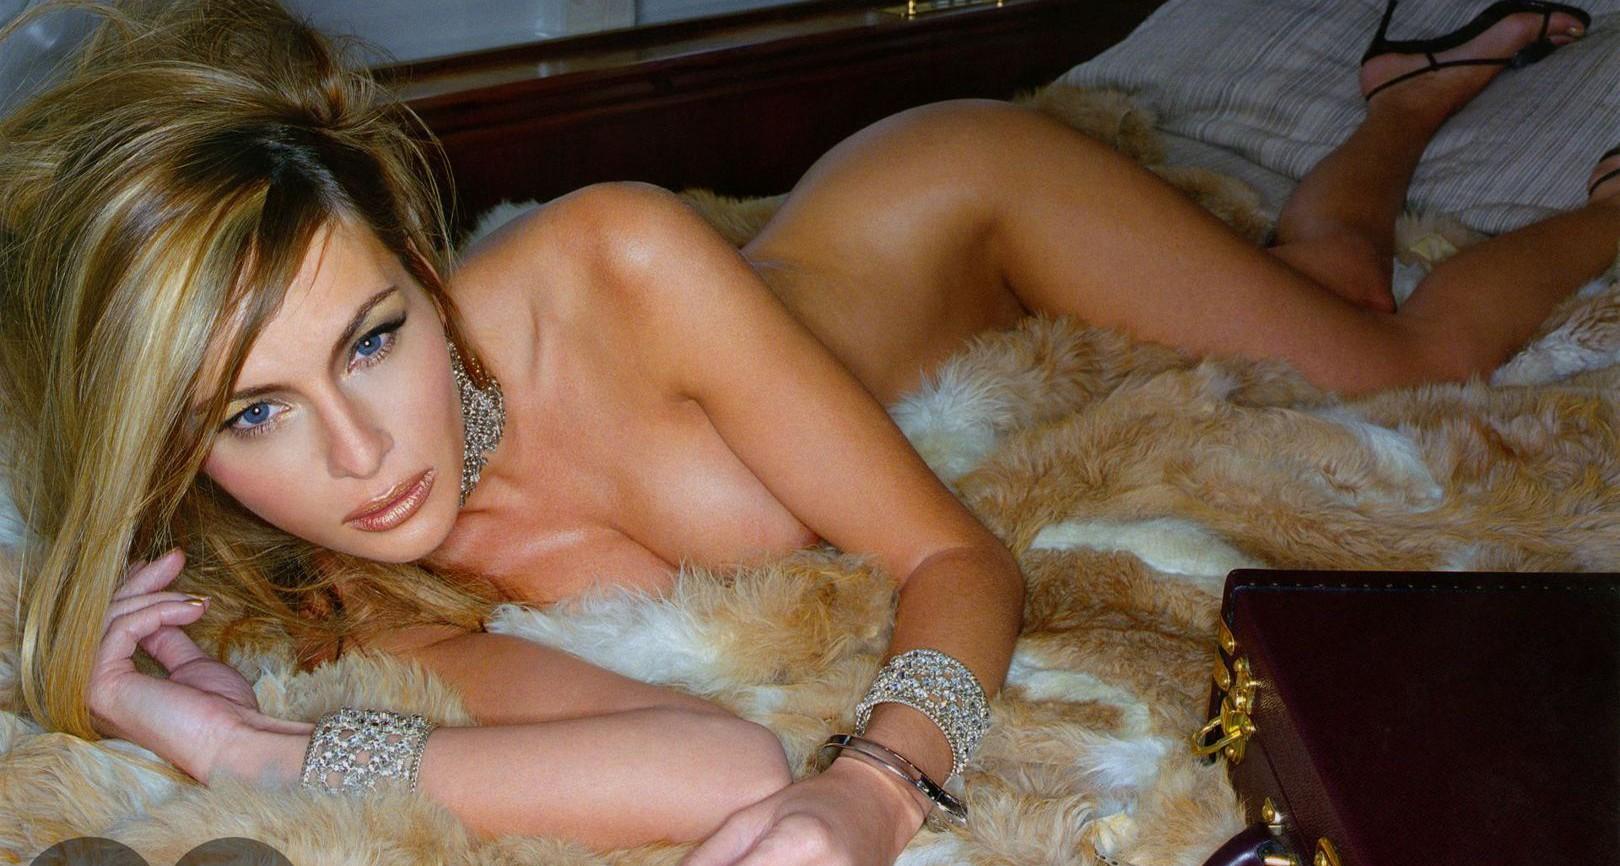 Μοντέλα απατεών γυμνό